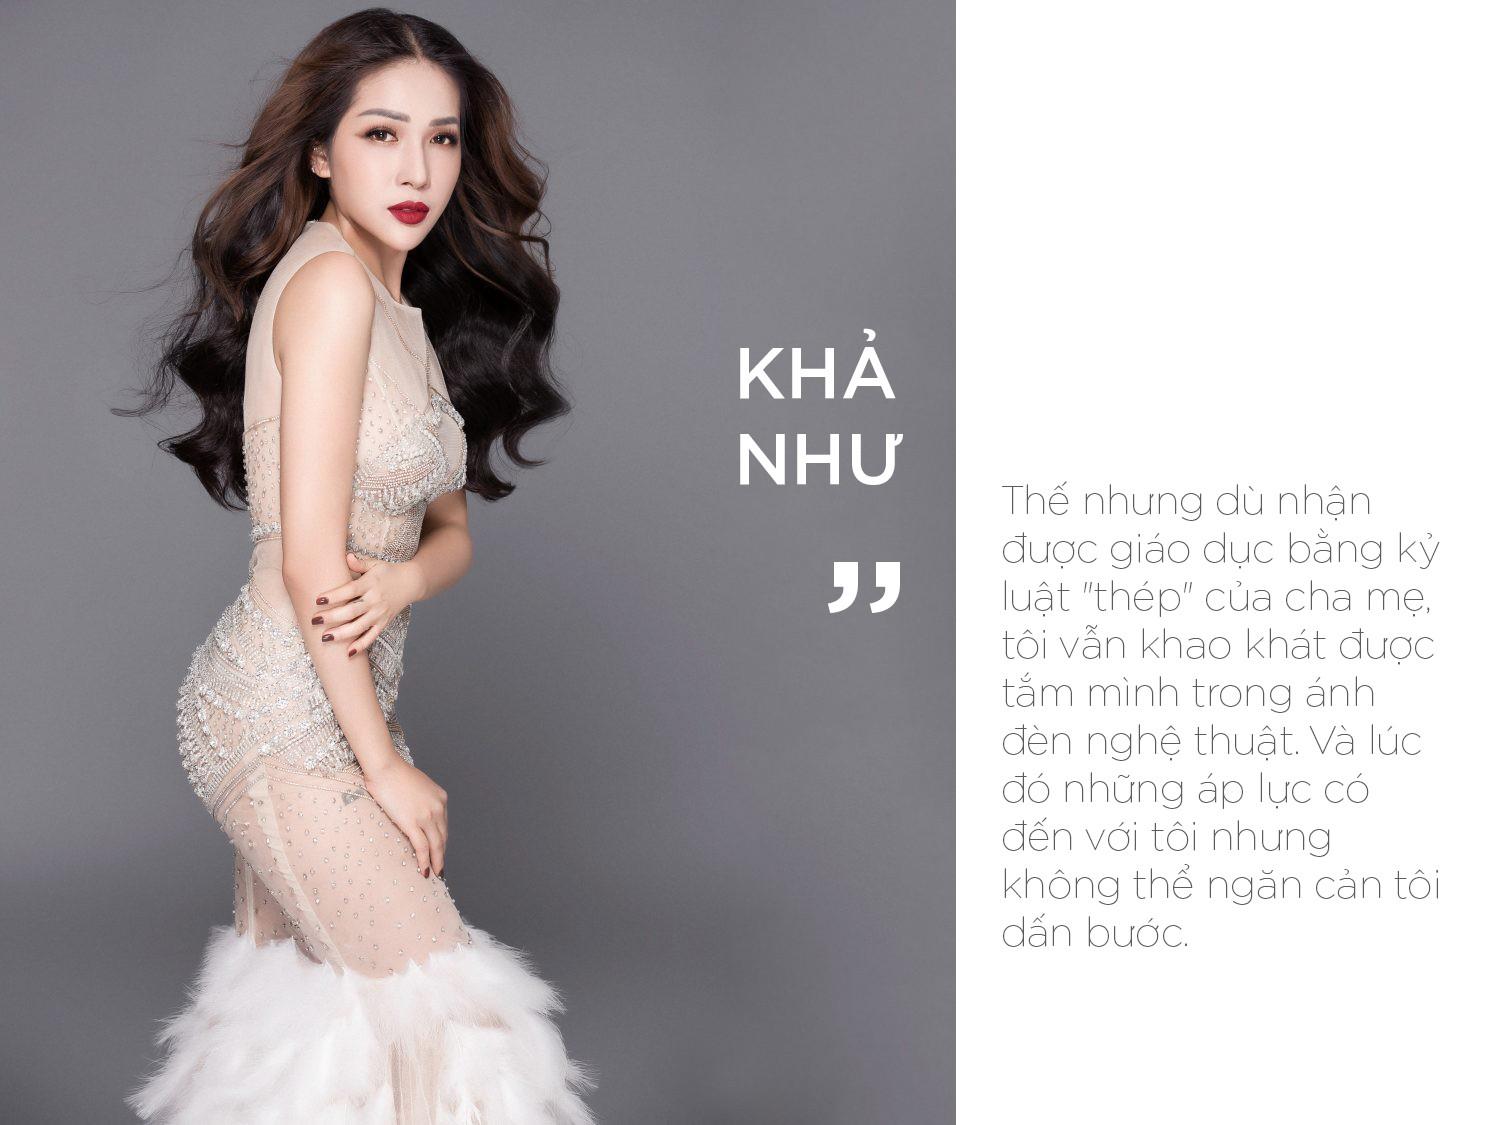 [eMagazine] - Khả Như: Giải Mai Vàng cho tôi nhiều cơ hội - Ảnh 4.